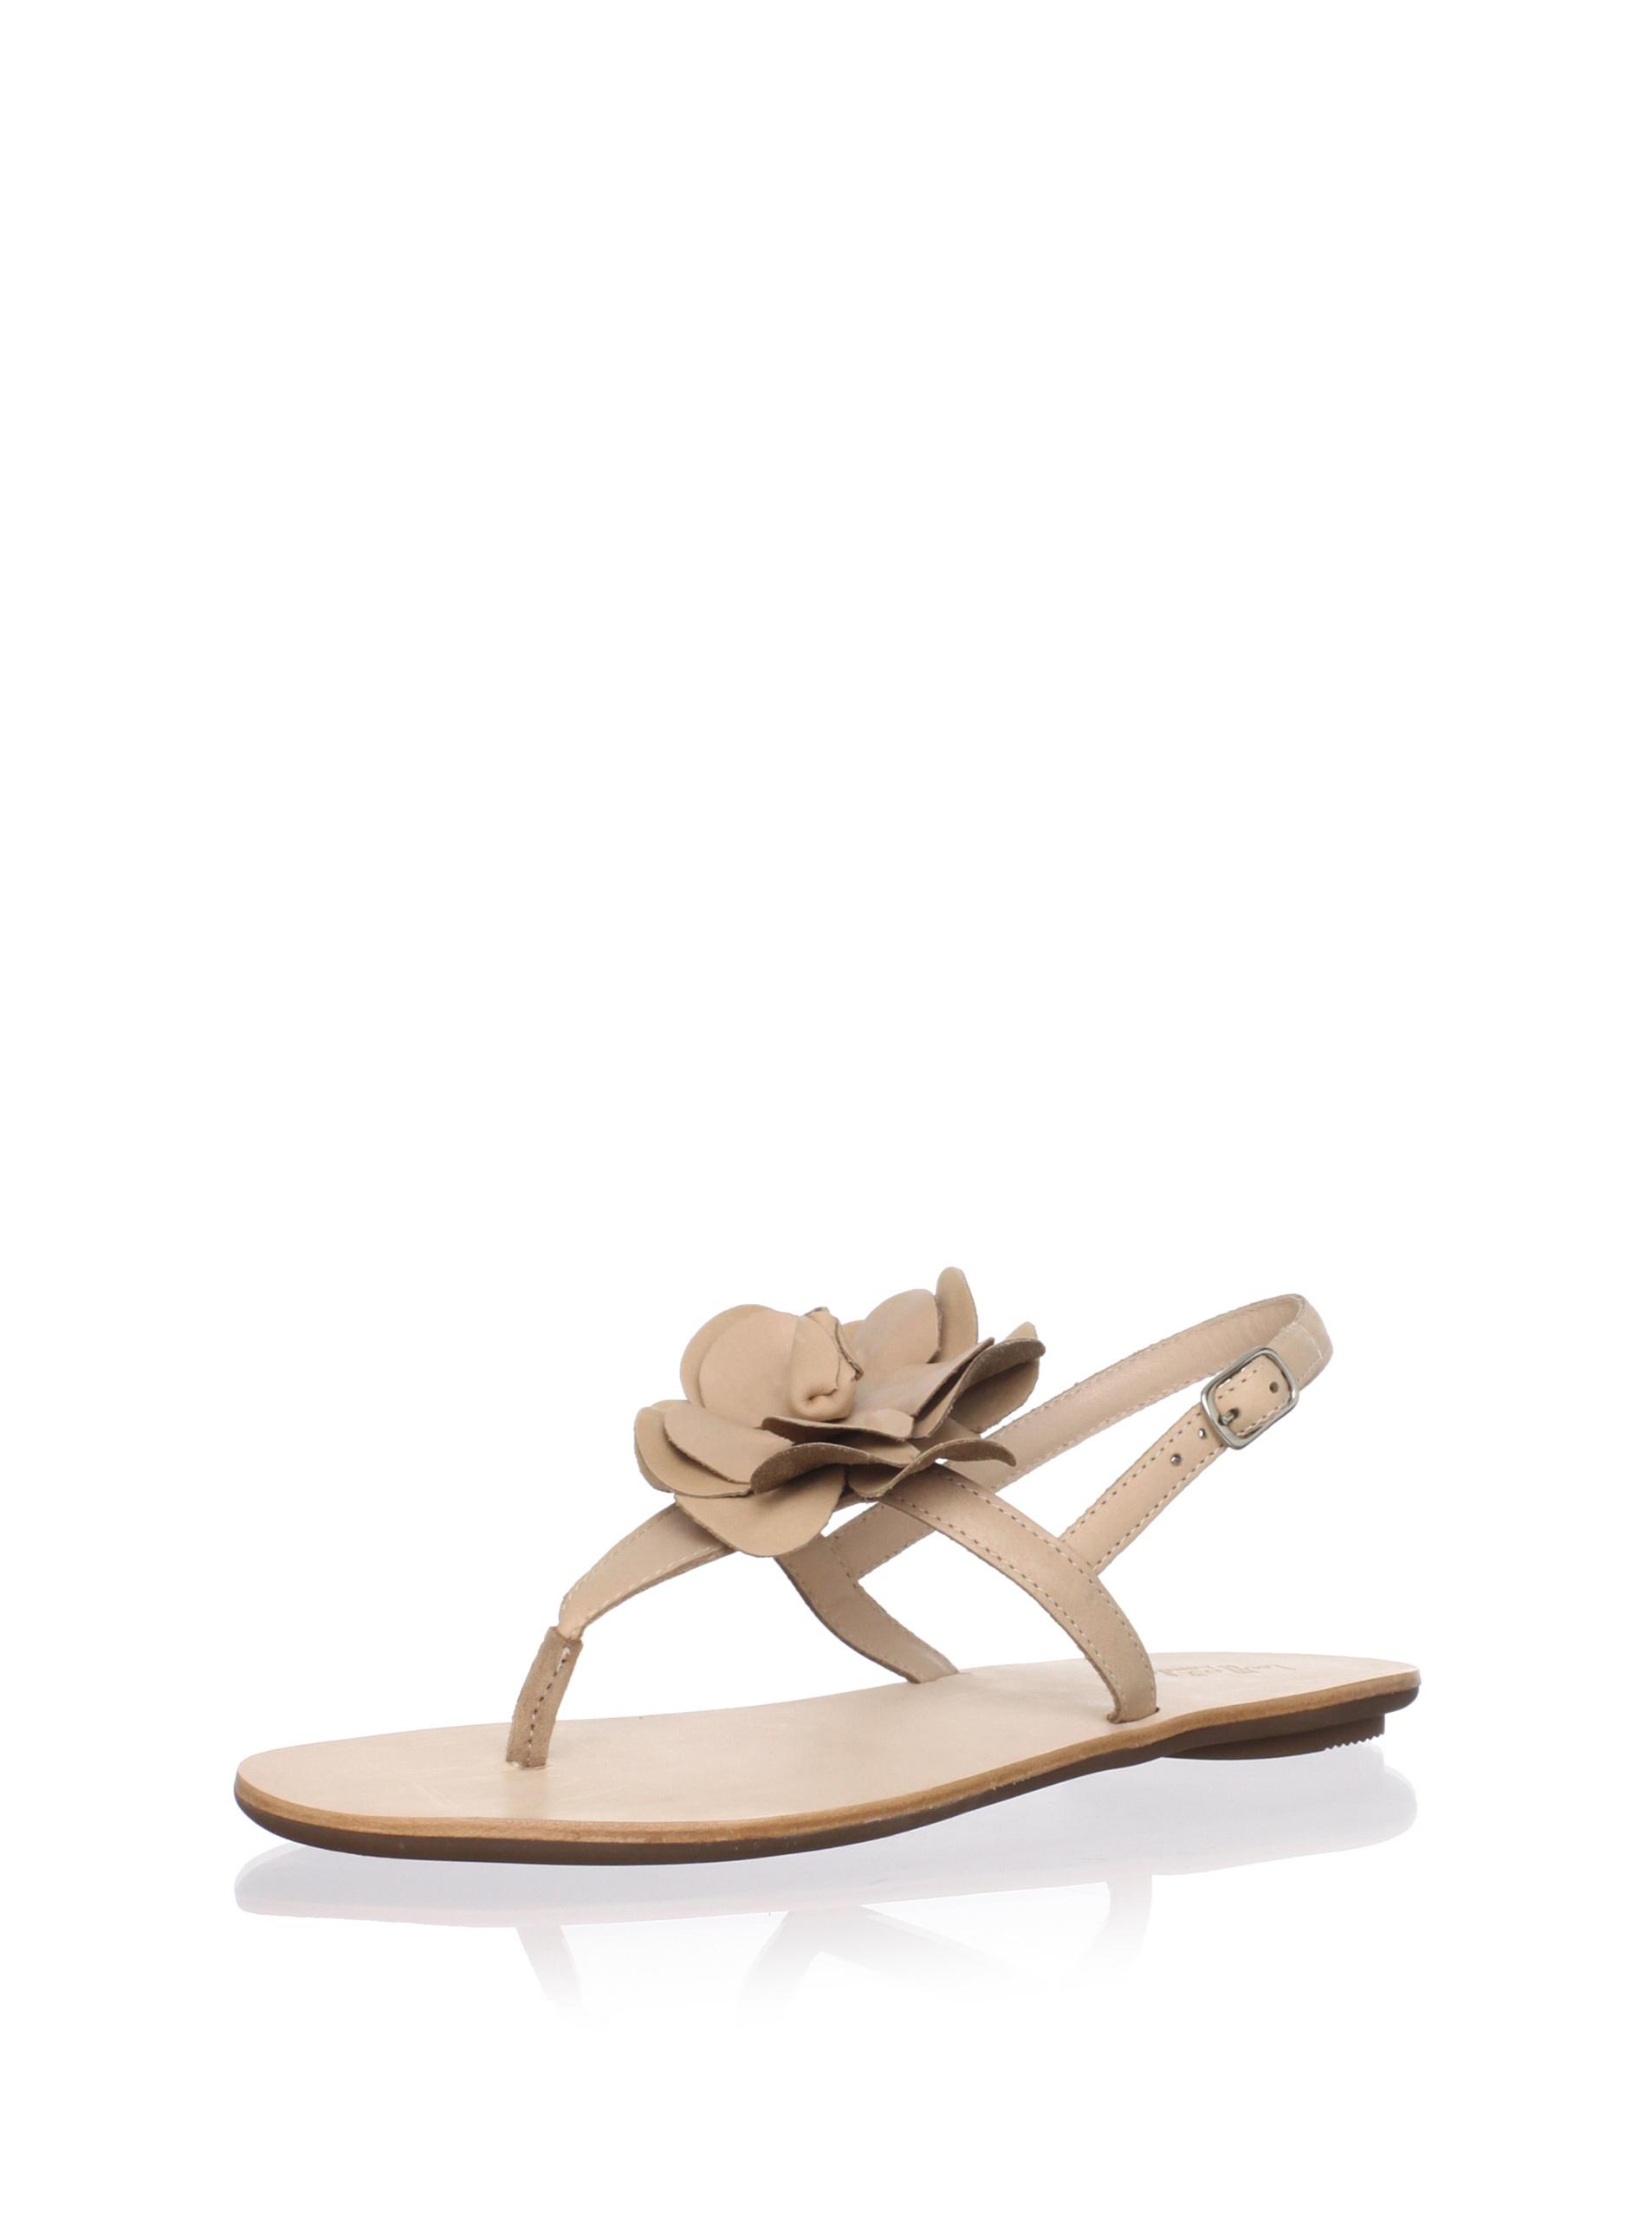 Loeffler Randall Women's Serafina Sandal (Tan)